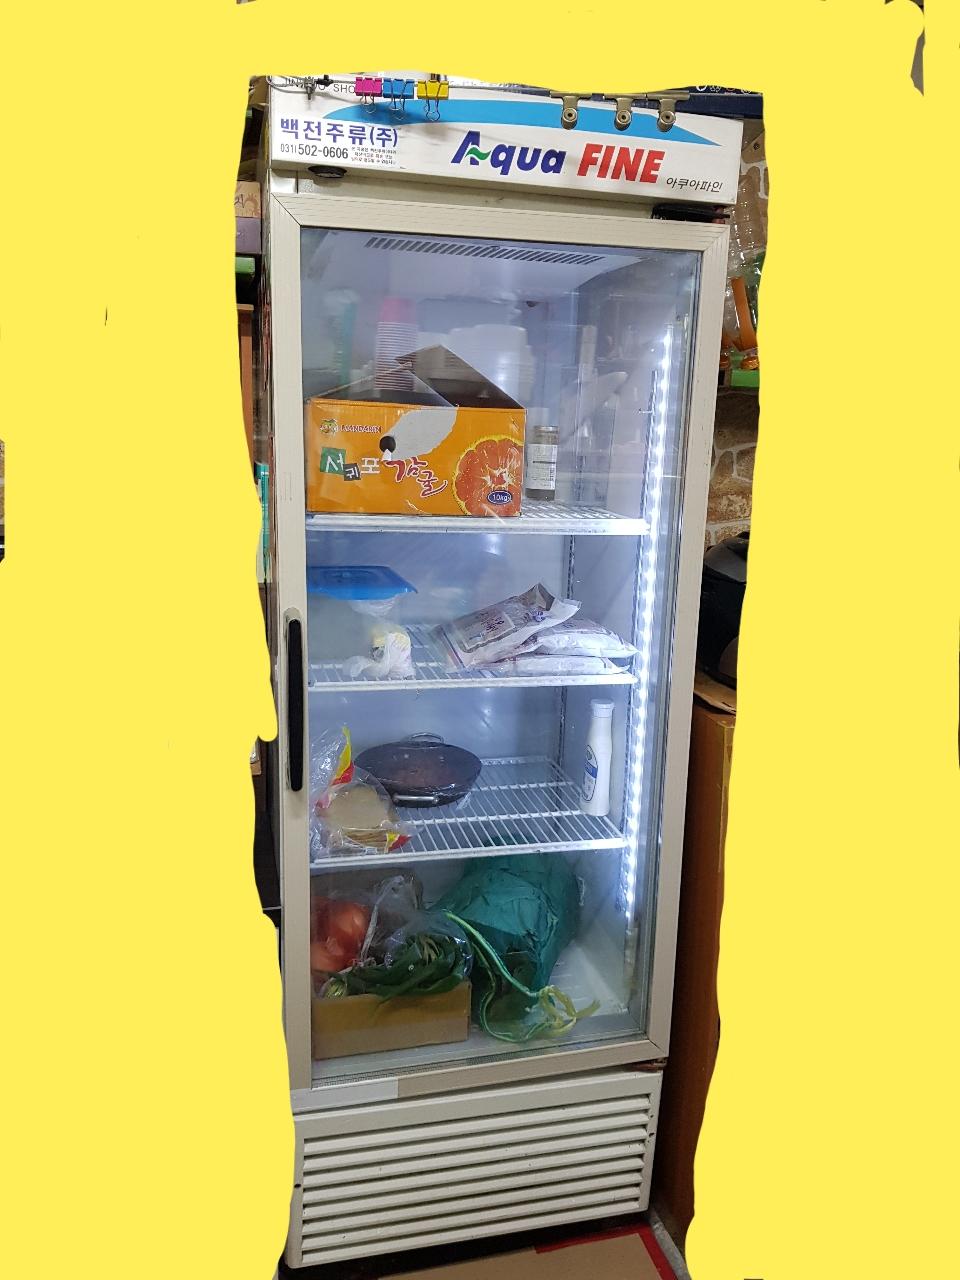 쇼케이스(냉장고) 나눔해요